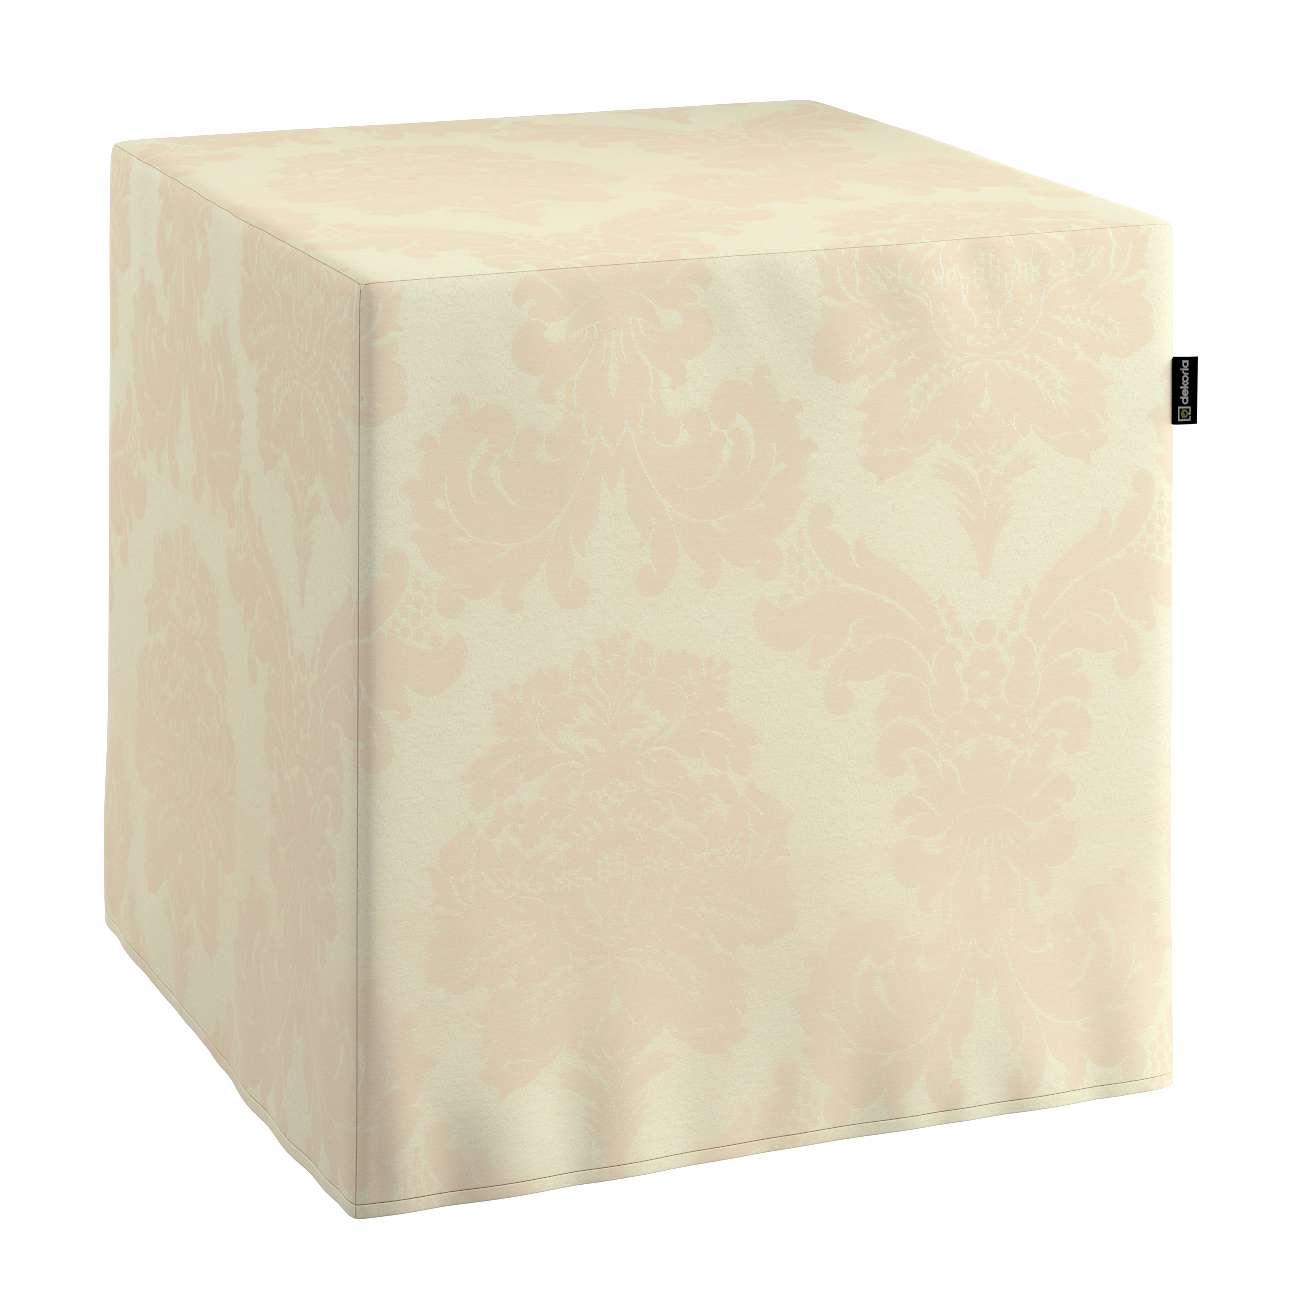 Taburetka tvrdá, kocka V kolekcii Damasco, tkanina: 613-01